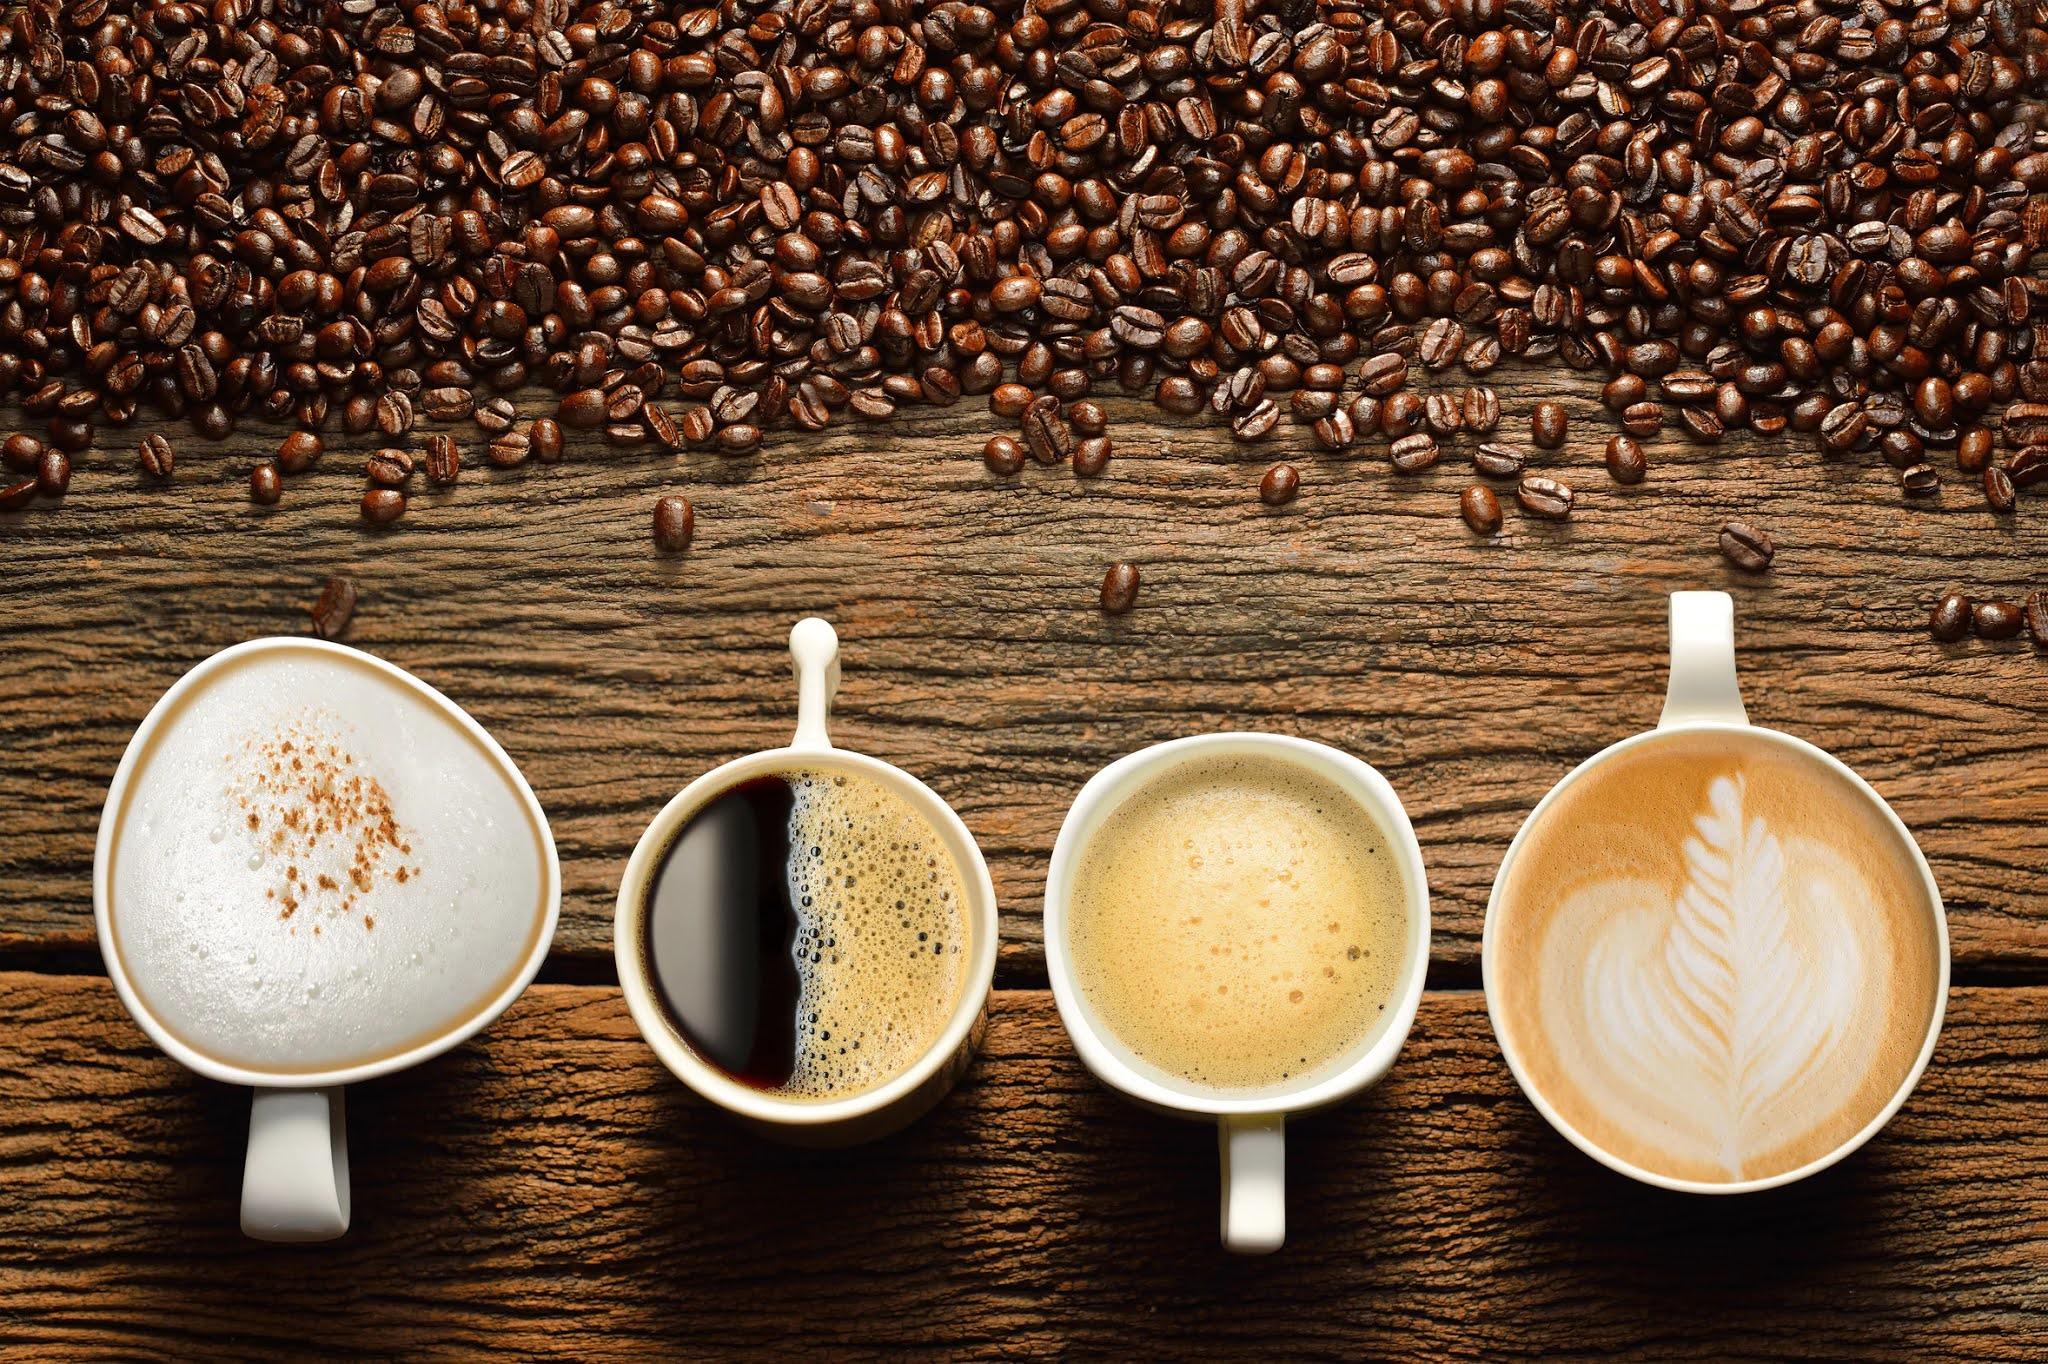 من الفوائد الصحية لشرب القهوة